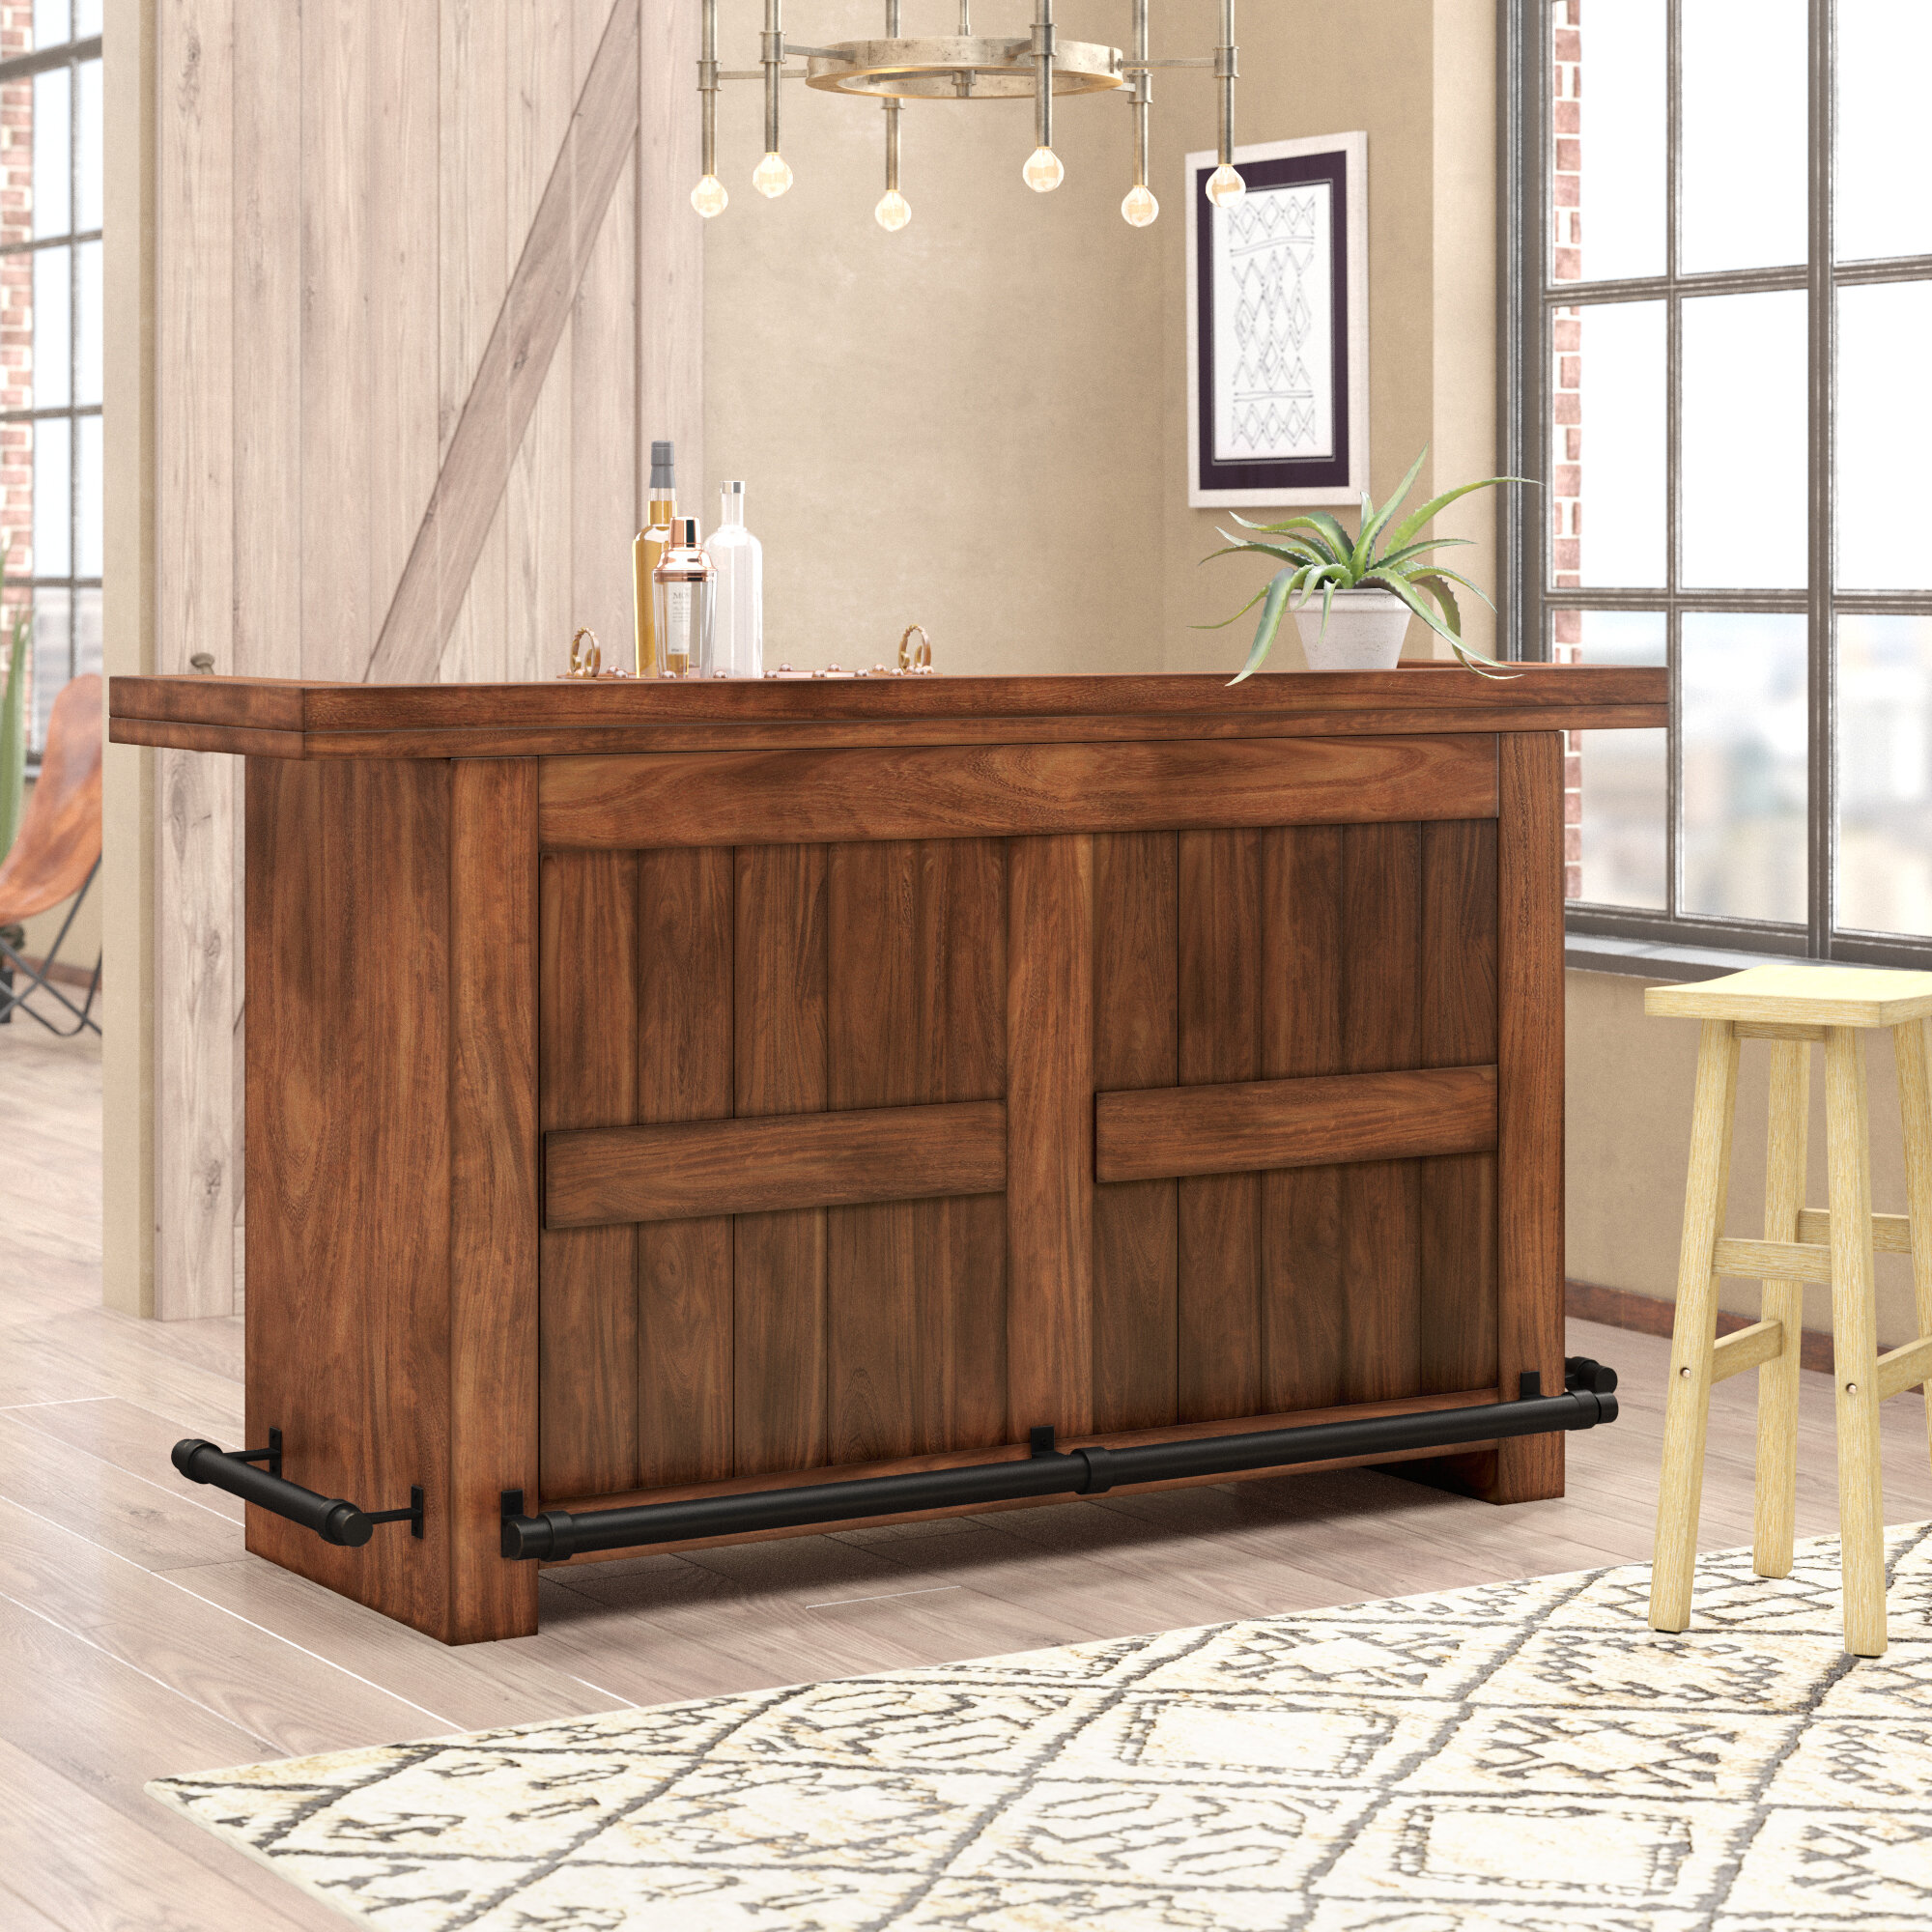 Hardin Bar